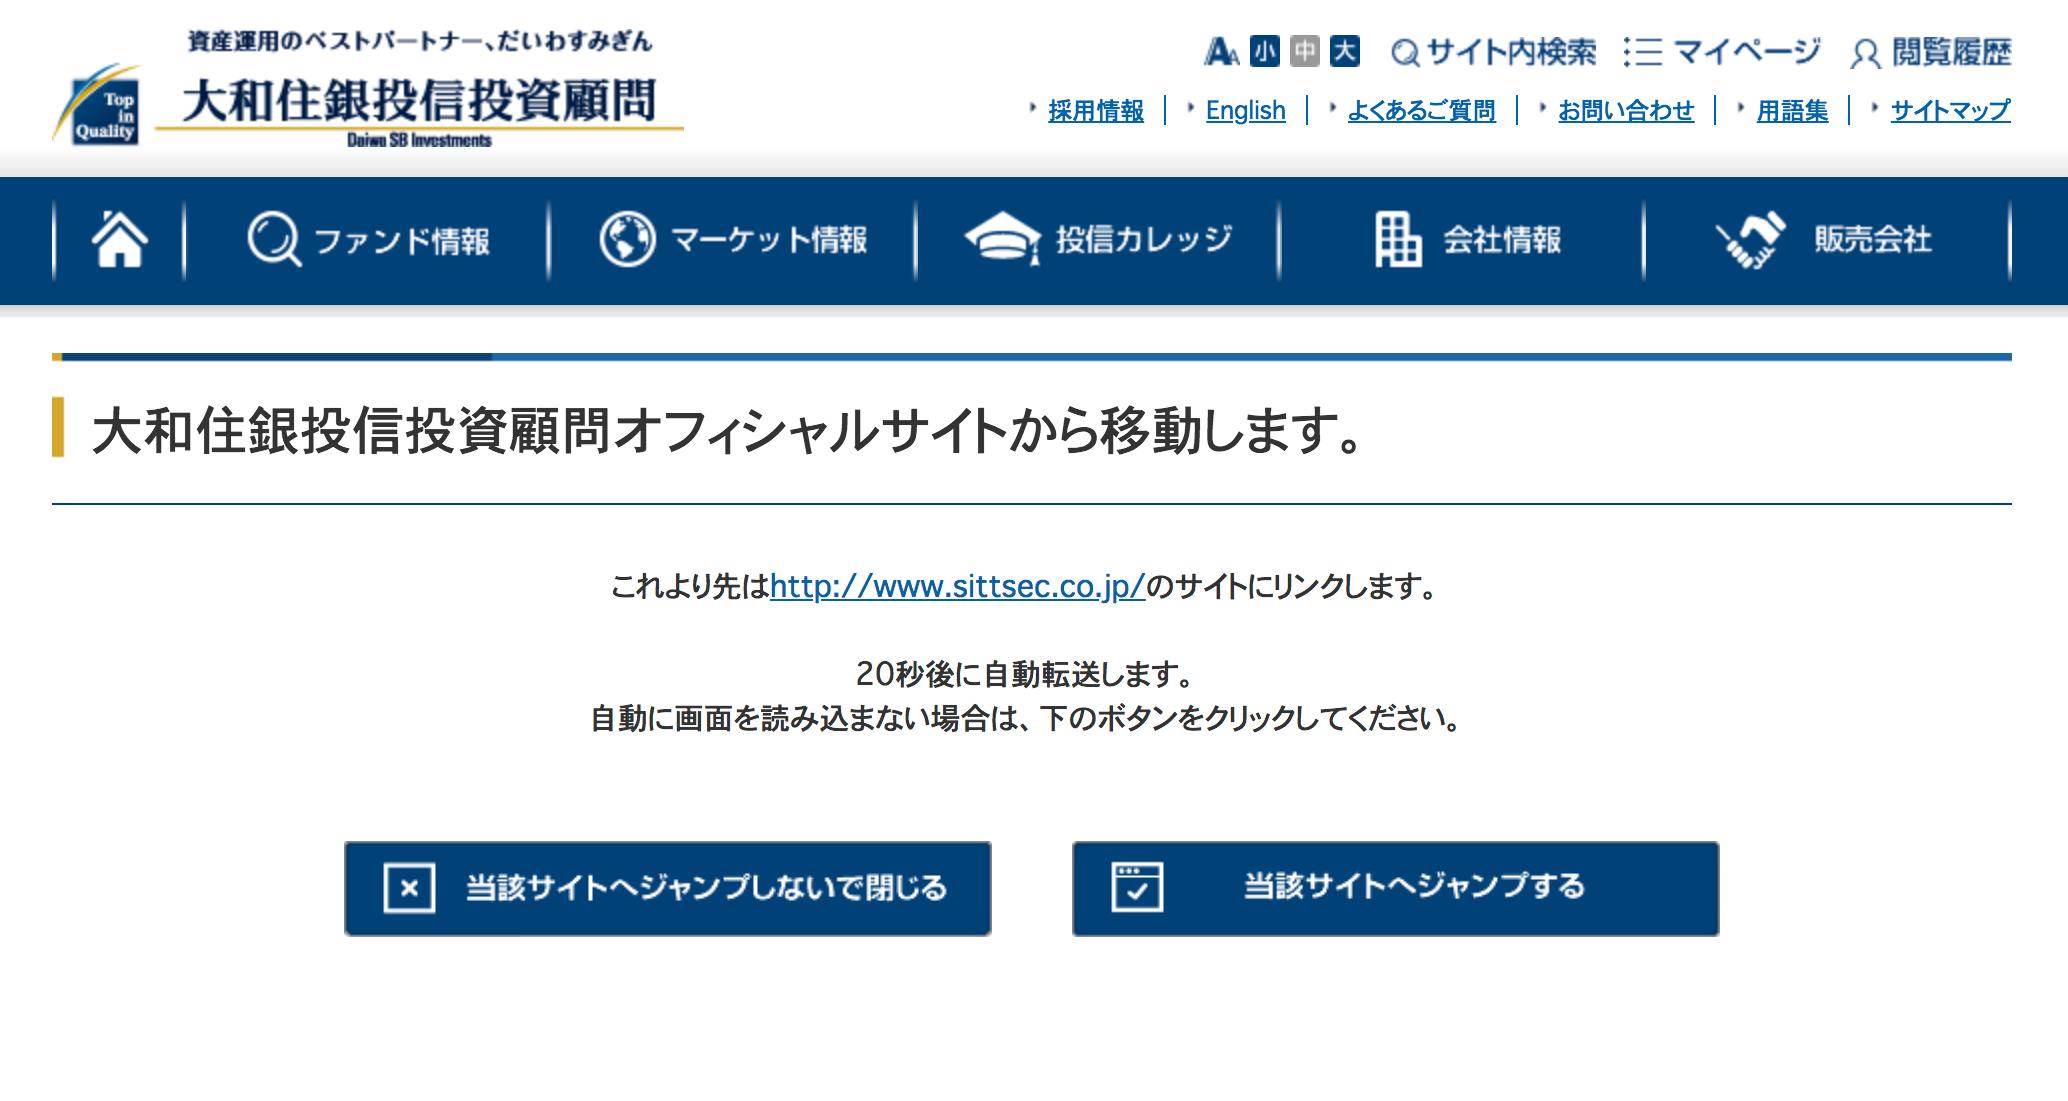 外部サイトへリダイレクトするページの表示例